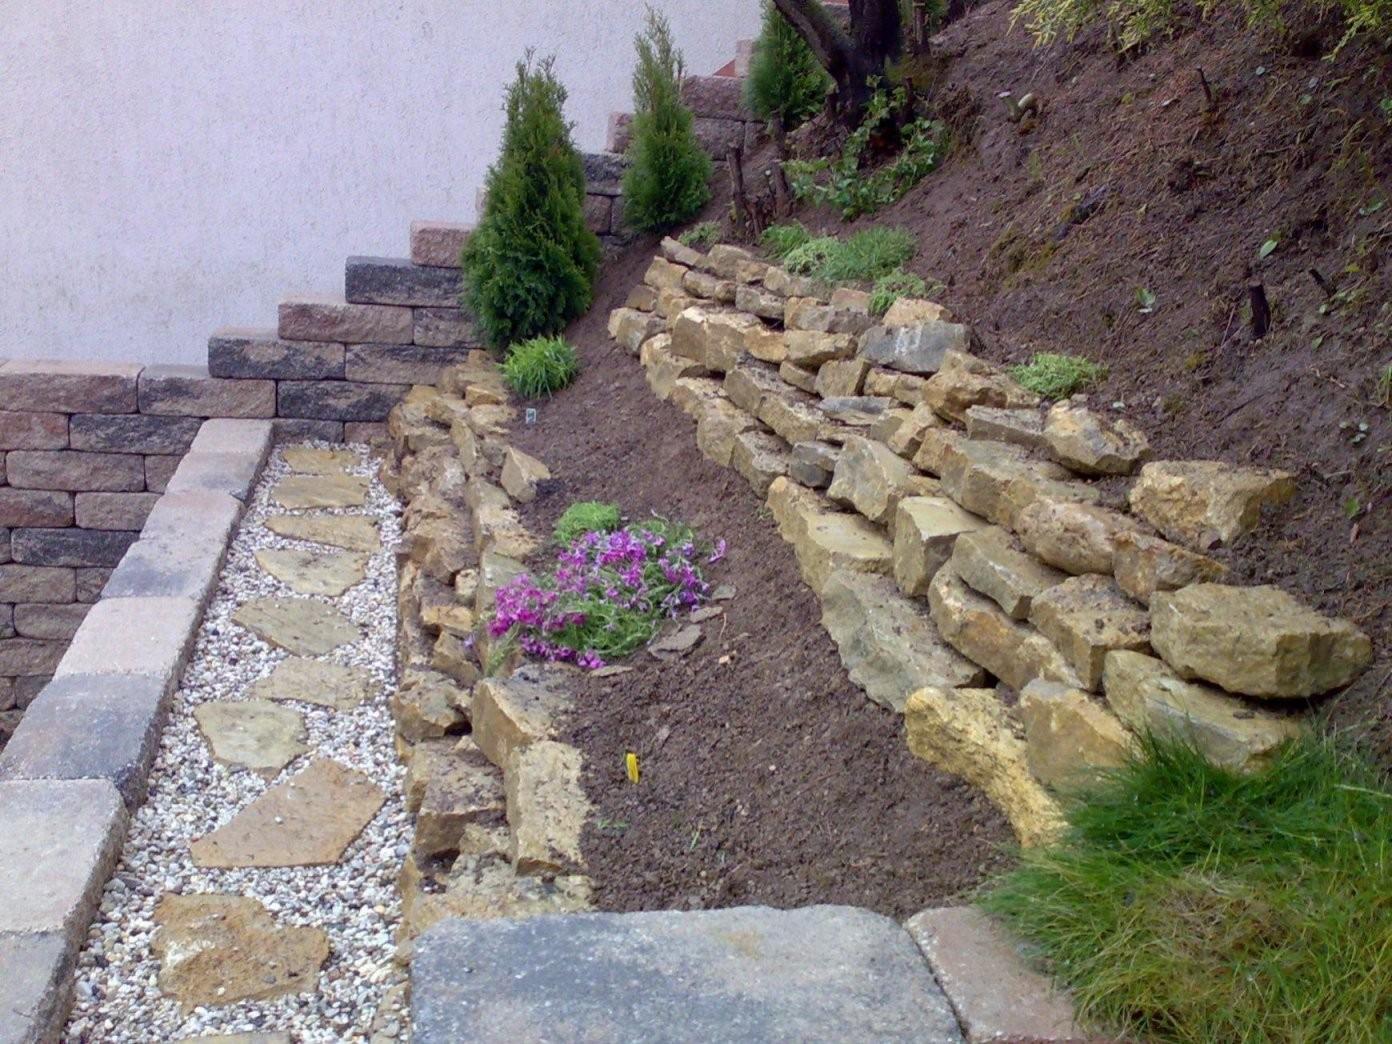 Garten Am Hang Gestalten Du Wirst Die Kommenden Jahre Lieben Von von Gartengestaltung Mit Steinen Am Hang Bild